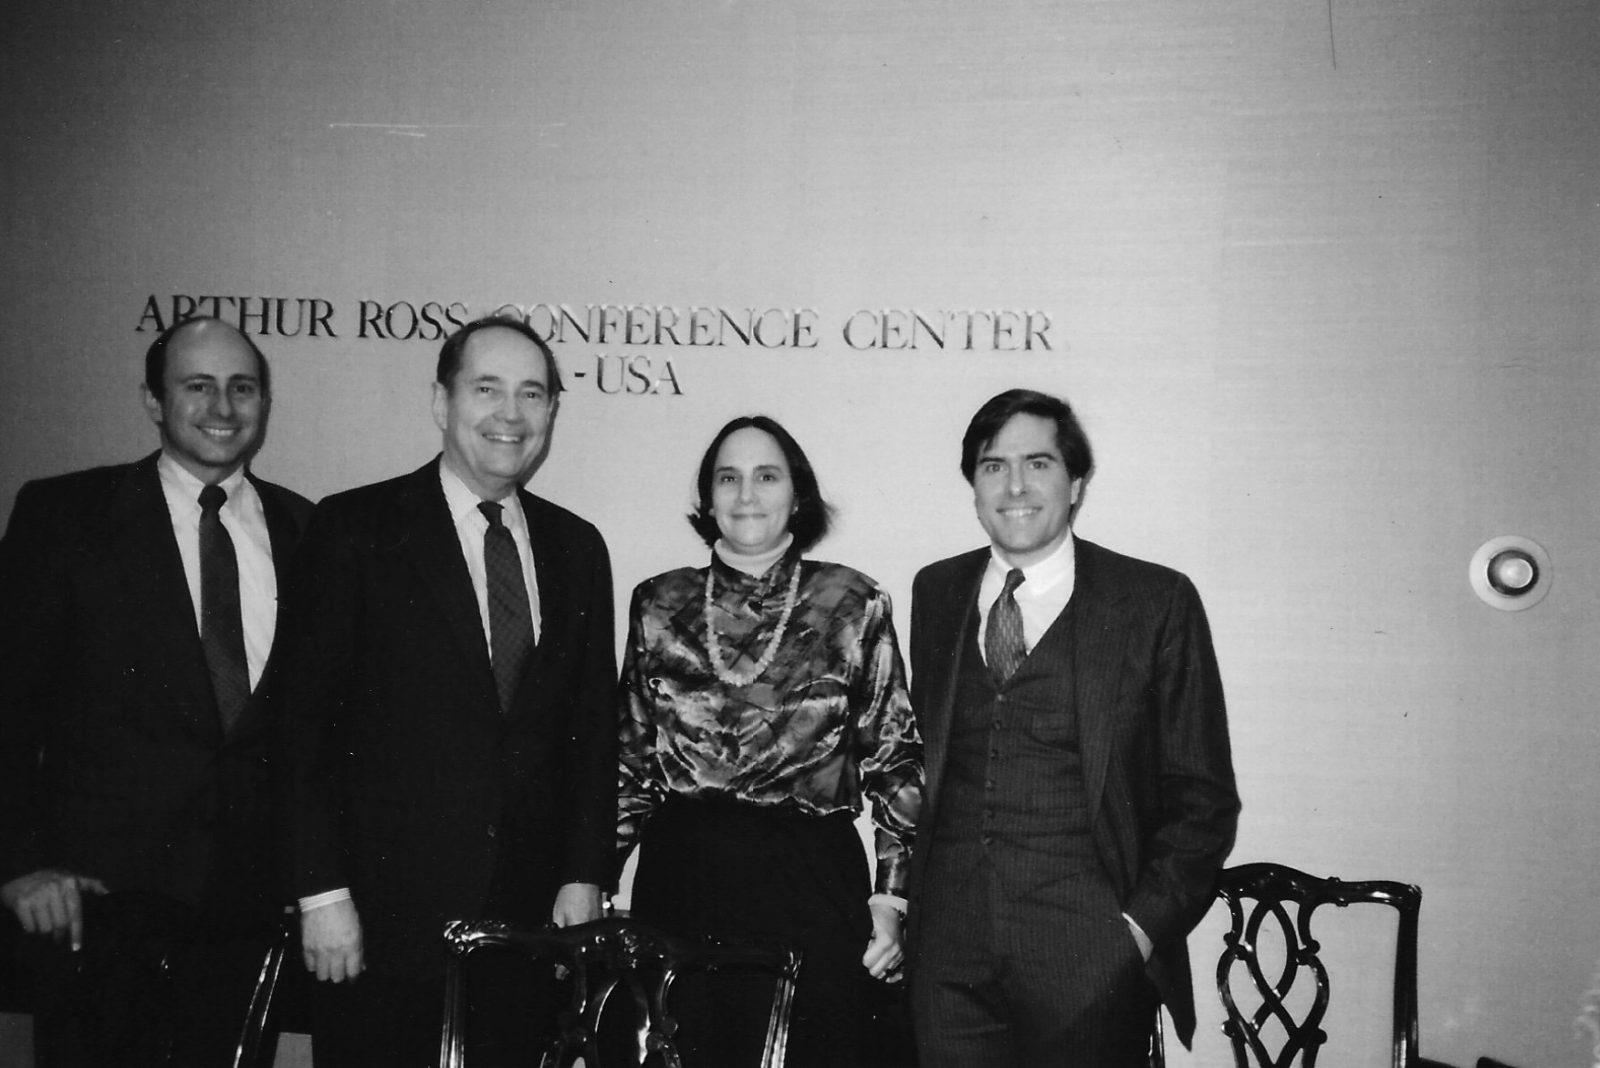 UNA-USA Conference Center 1992